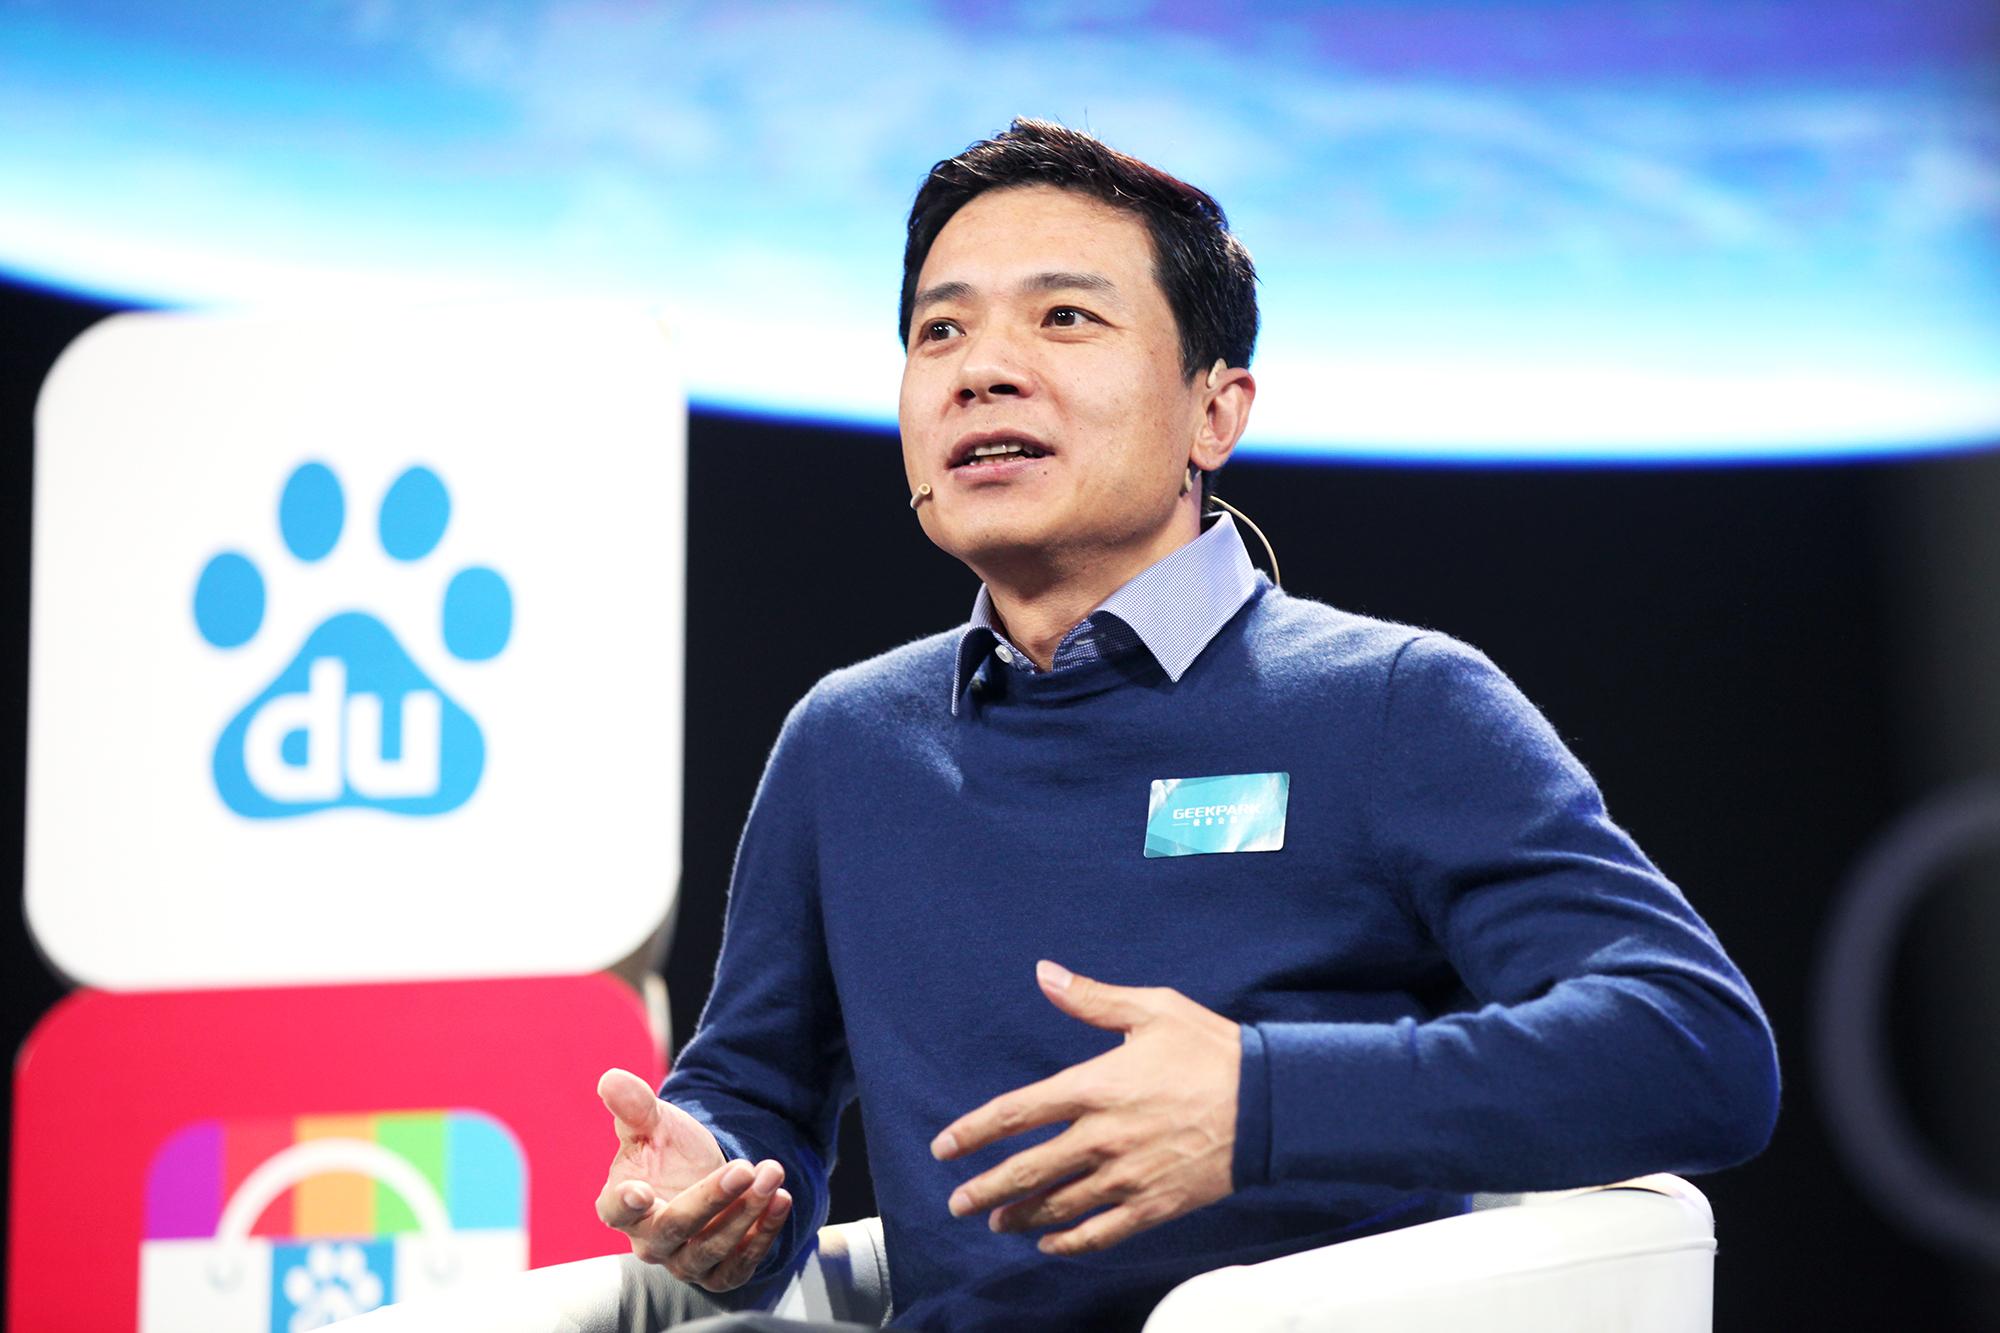 李彦宏内部信:夯实移动基础决胜AI时代,将有可能重新站上行业之巅